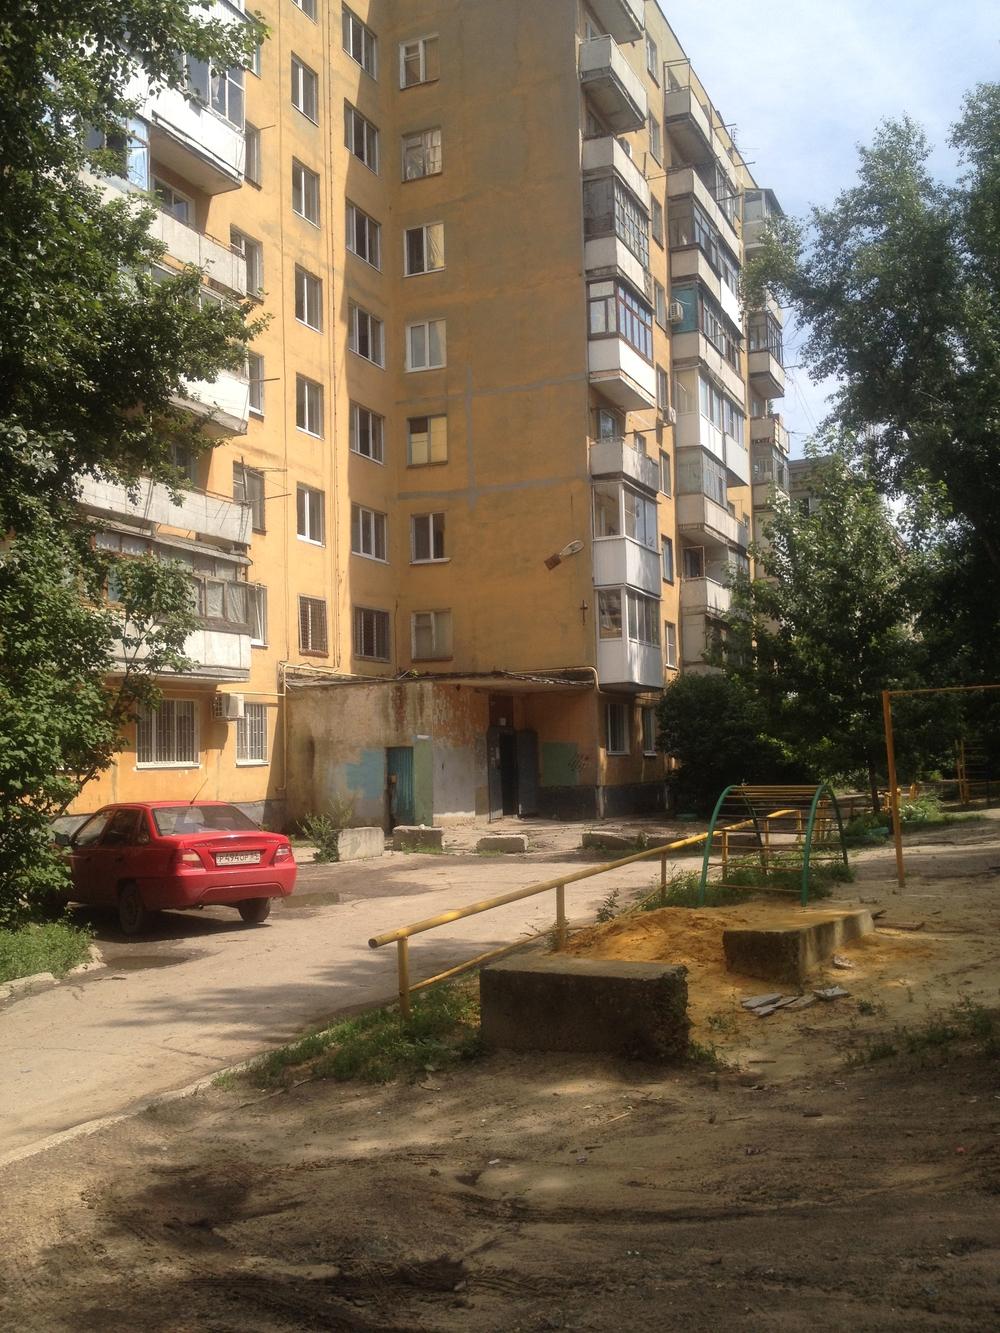 Саратовская область, Саратов